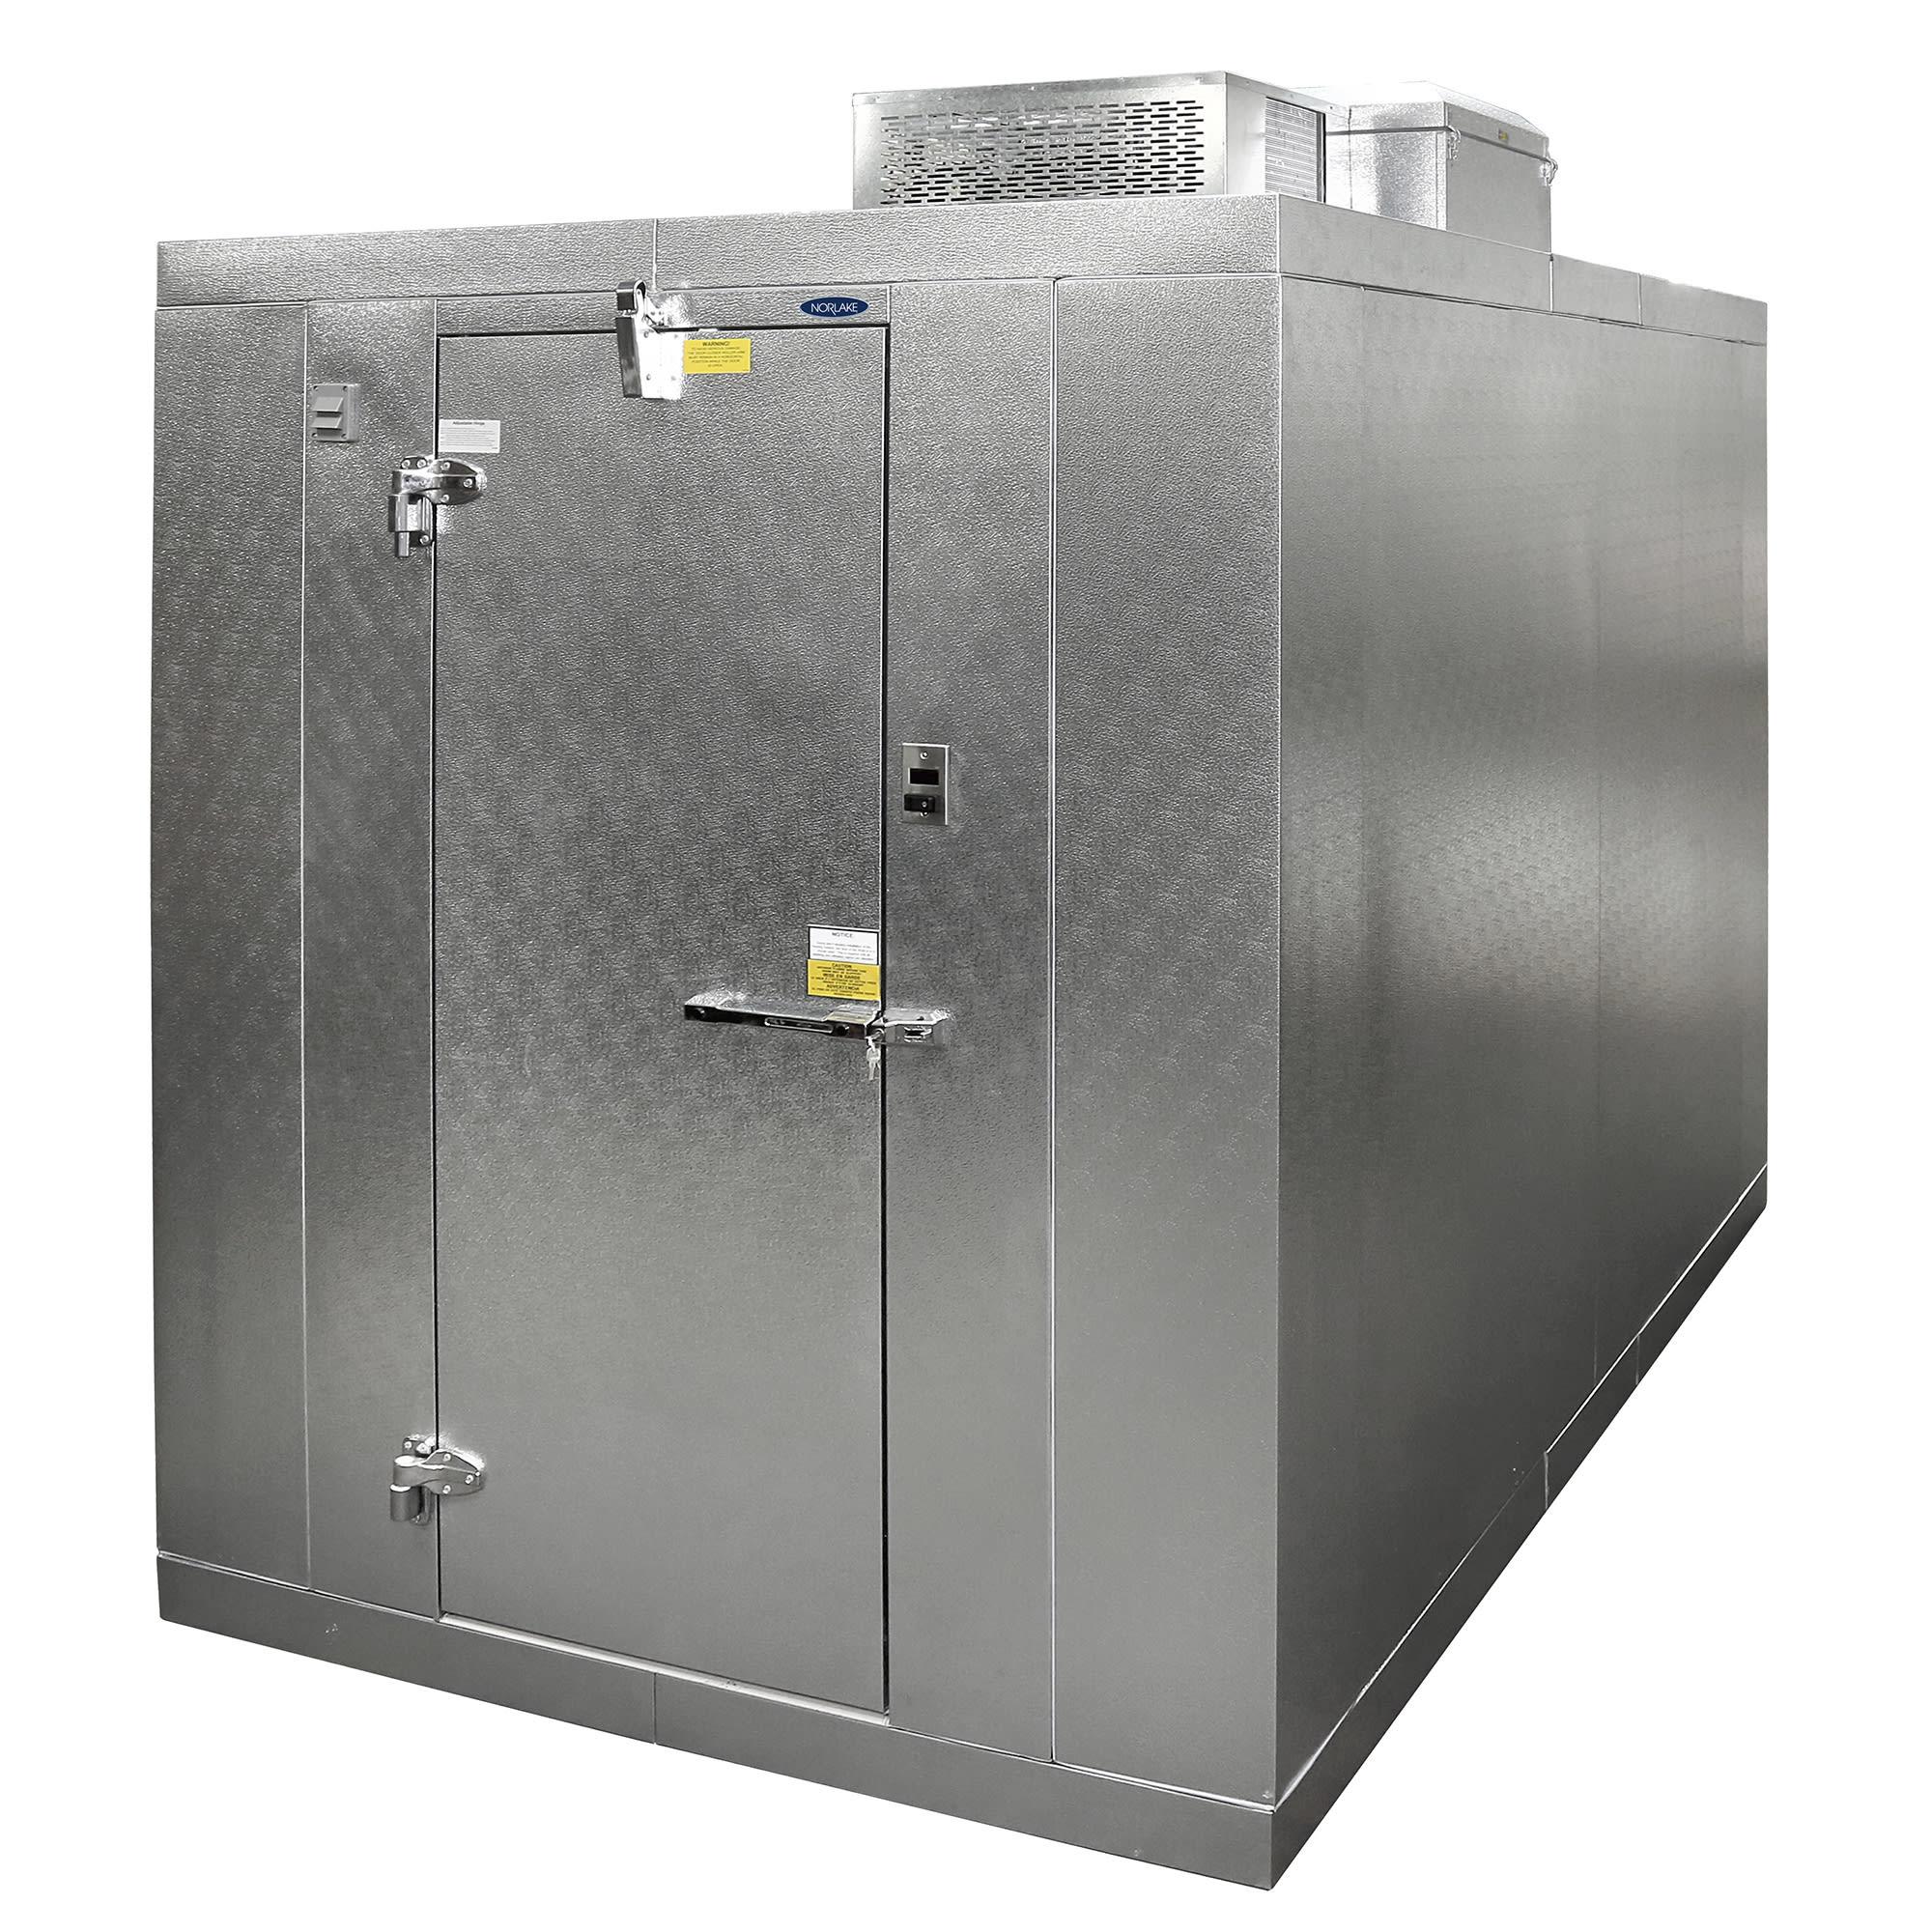 Norlake KLB7468-C R Indoor Walk-In Refrigerator w/ Top Mount Compressor, 6' x 8', No Floor